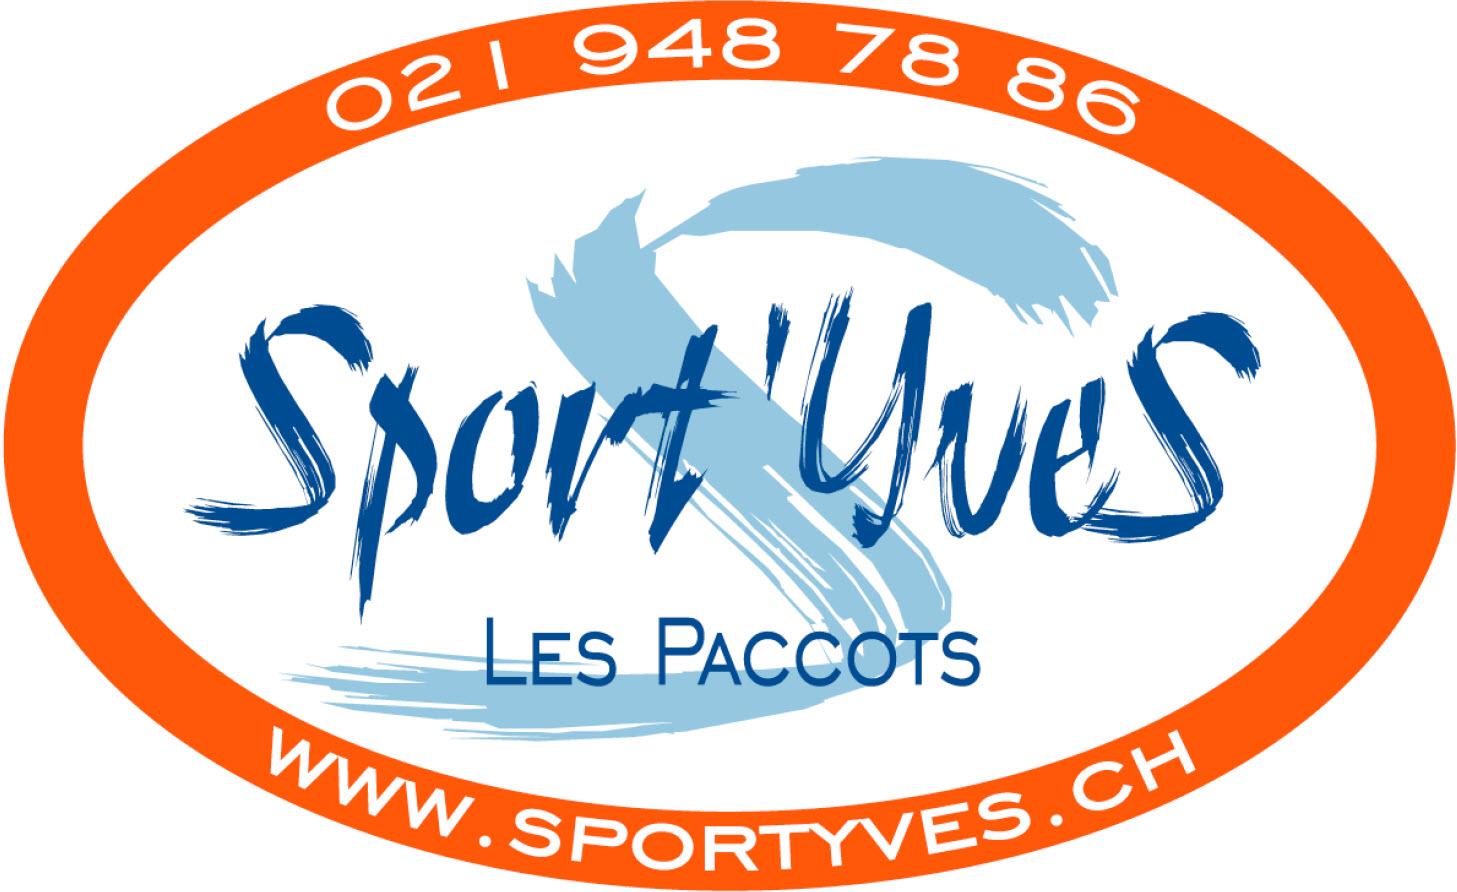 """Résultat de recherche d'images pour """"sport yves paccots"""""""